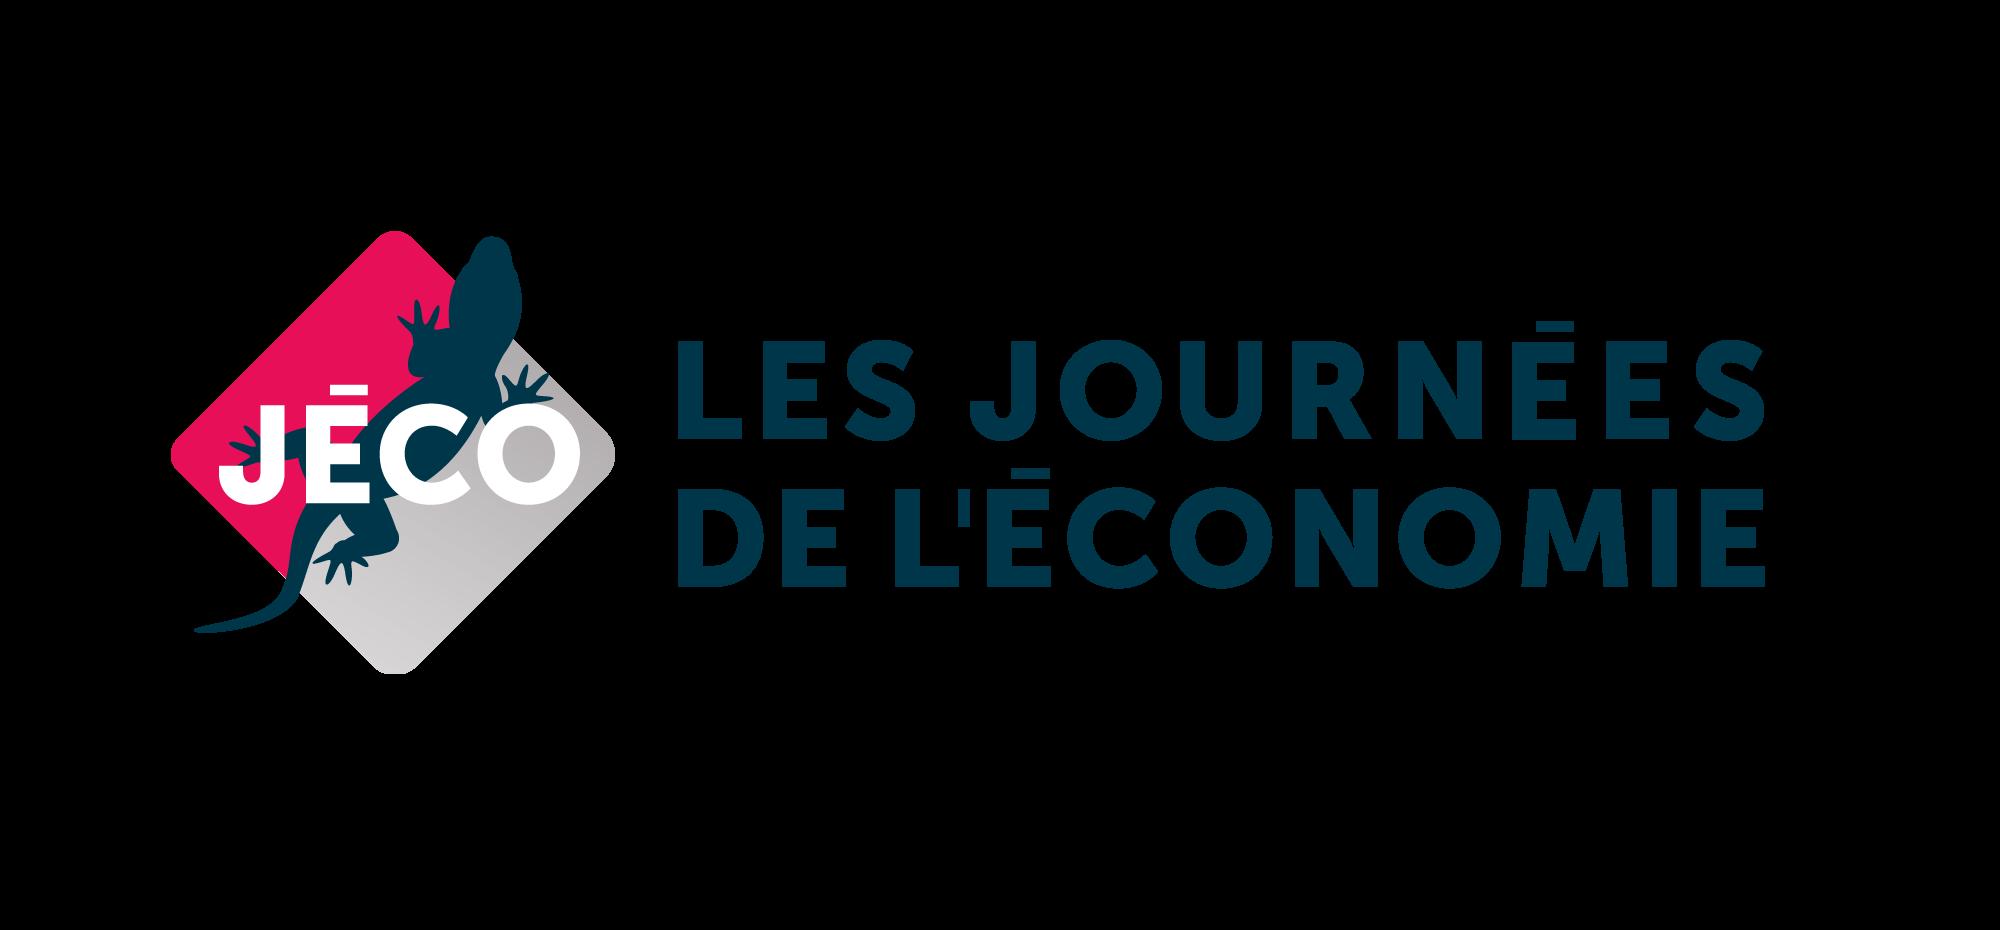 Logo de Journée de l'économie